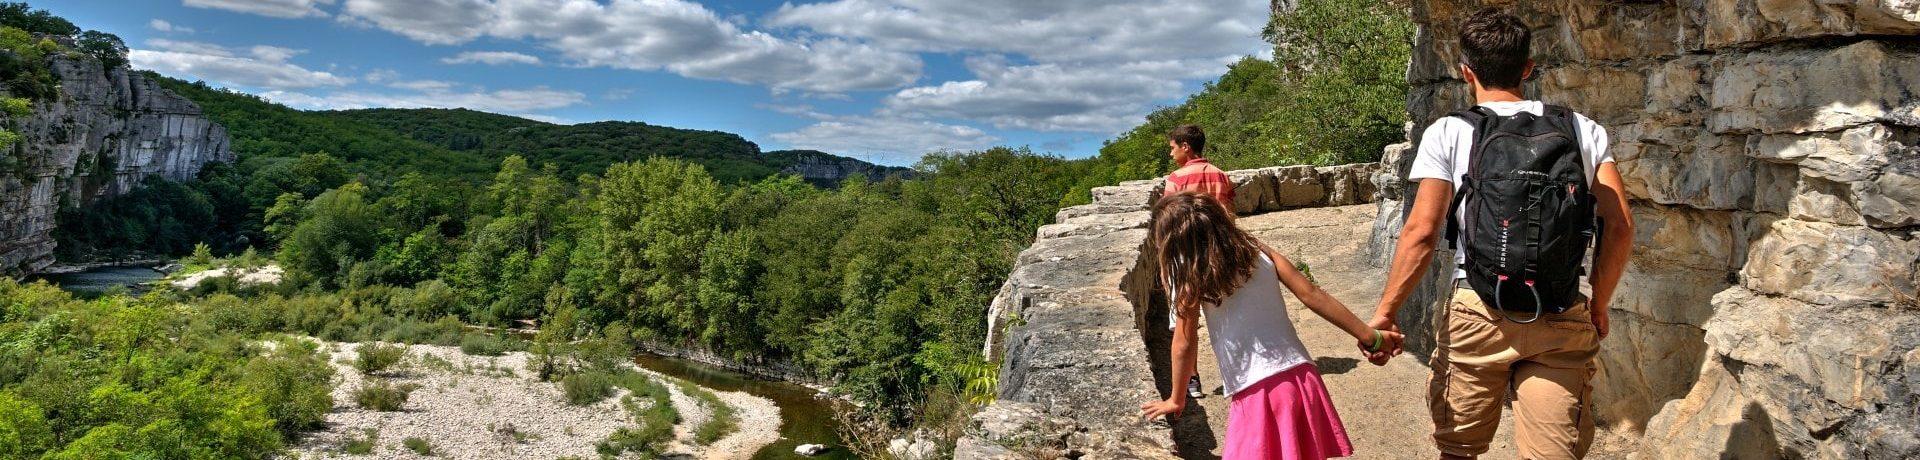 Camping Sun Camping in Sampzon is een gastvrije familiecamping in de Ardèche in het hart van de Alpen op 100 m van de rivier de Ardèche in de Rhône-Alpes.